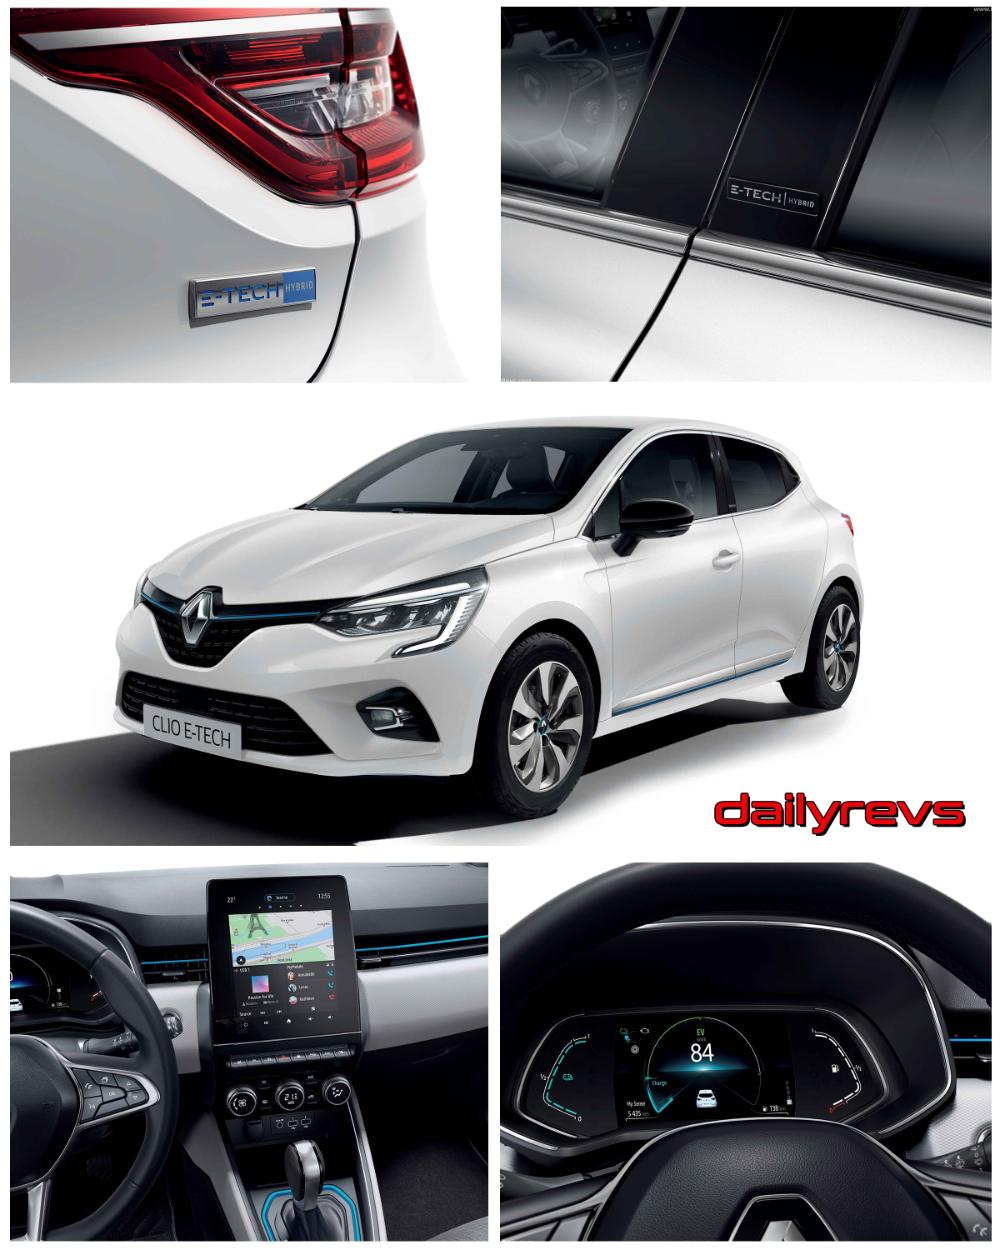 2020 Renault Clio ETech HD Pictures, Videos, Specs